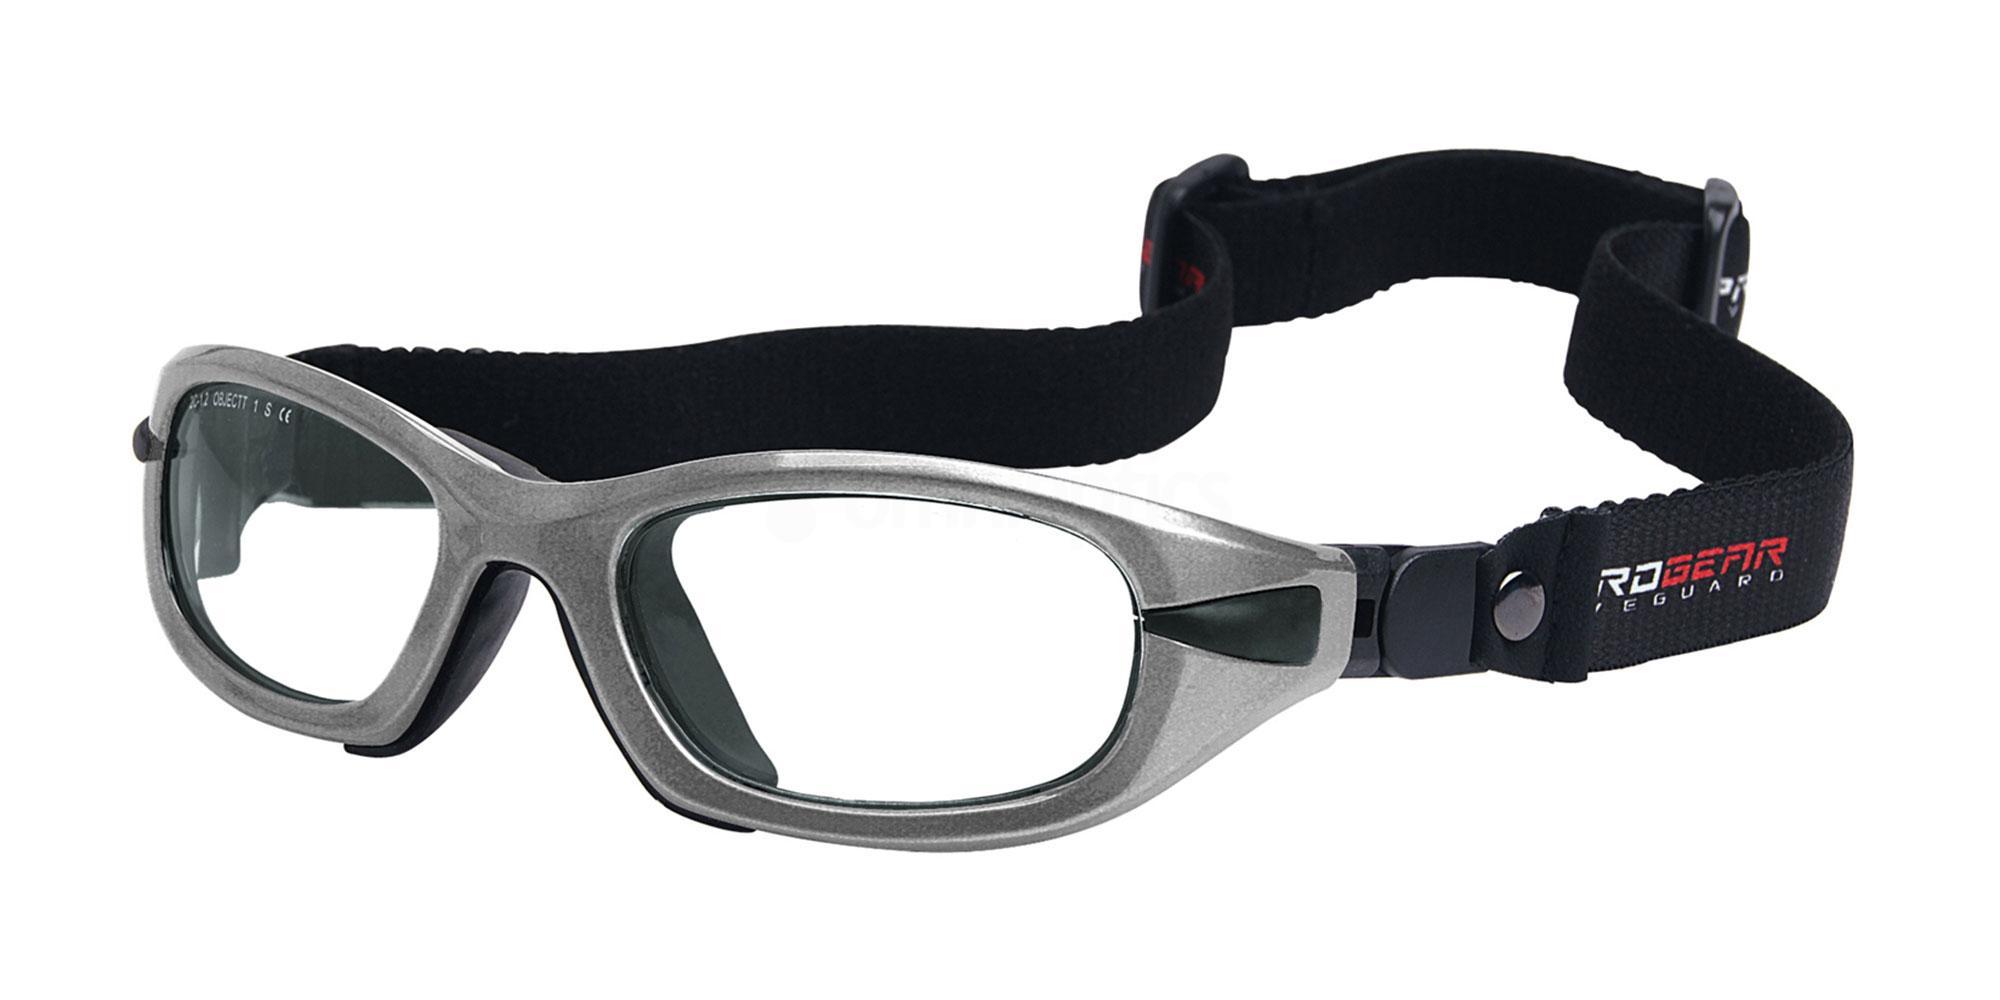 Grey Progear EG-XL 1041 Accessories, Sports Eyewear